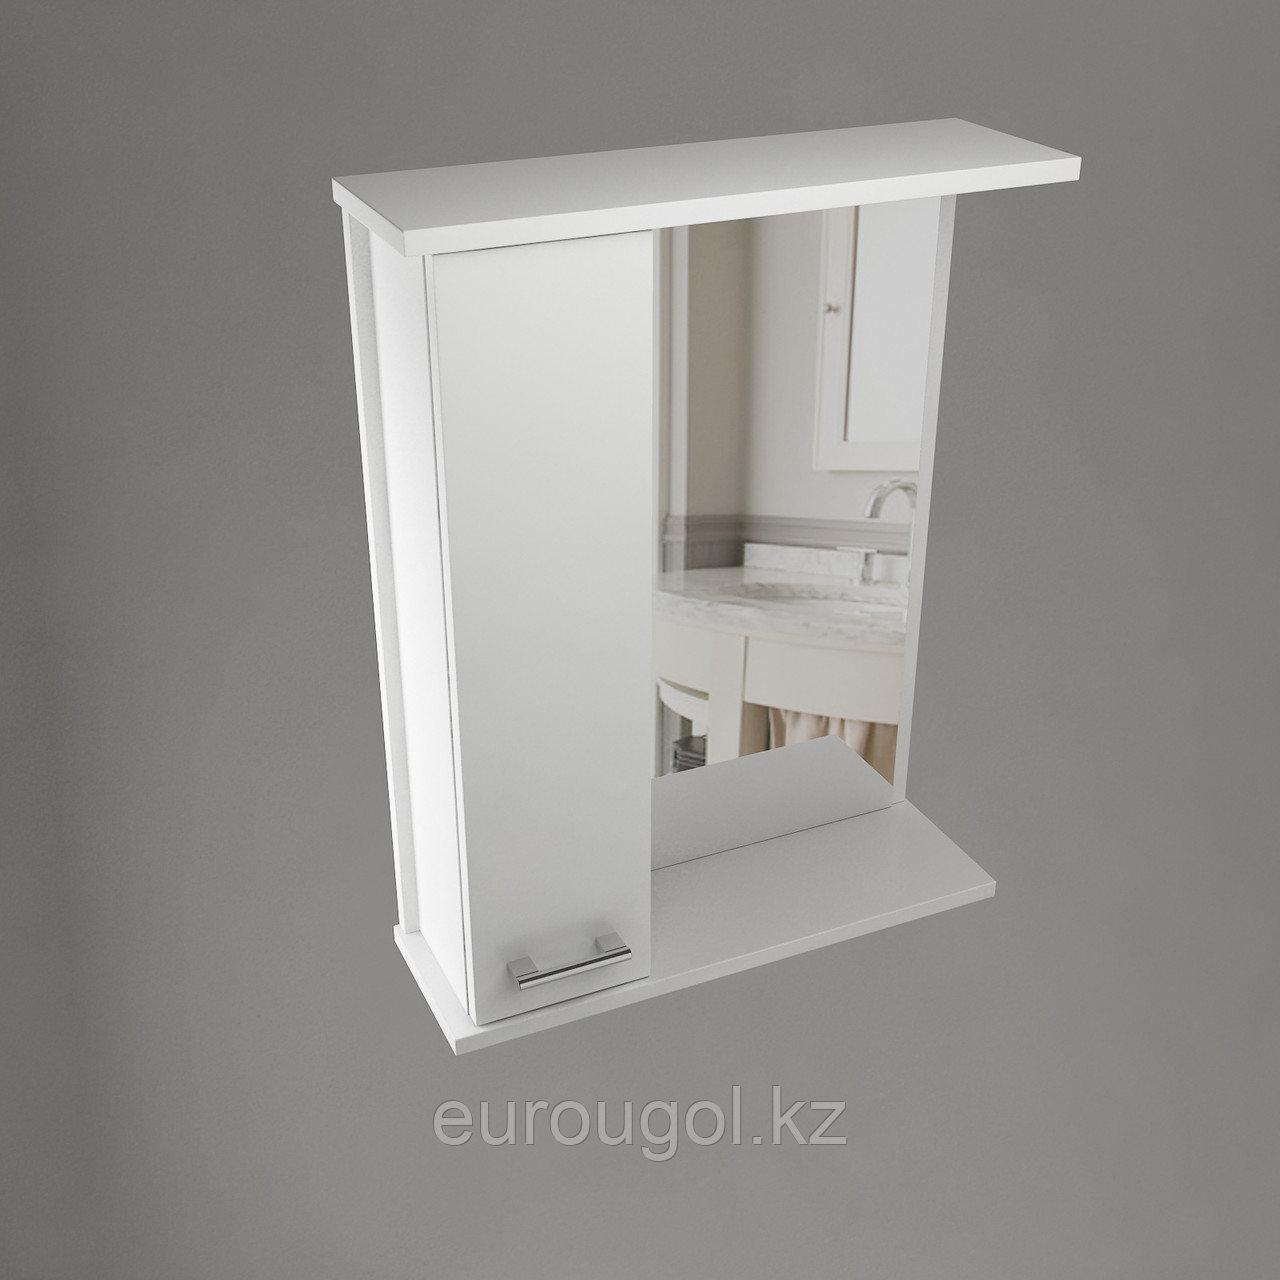 Зеркало для ванной комнаты WaterWorld Стиль 600 мм.